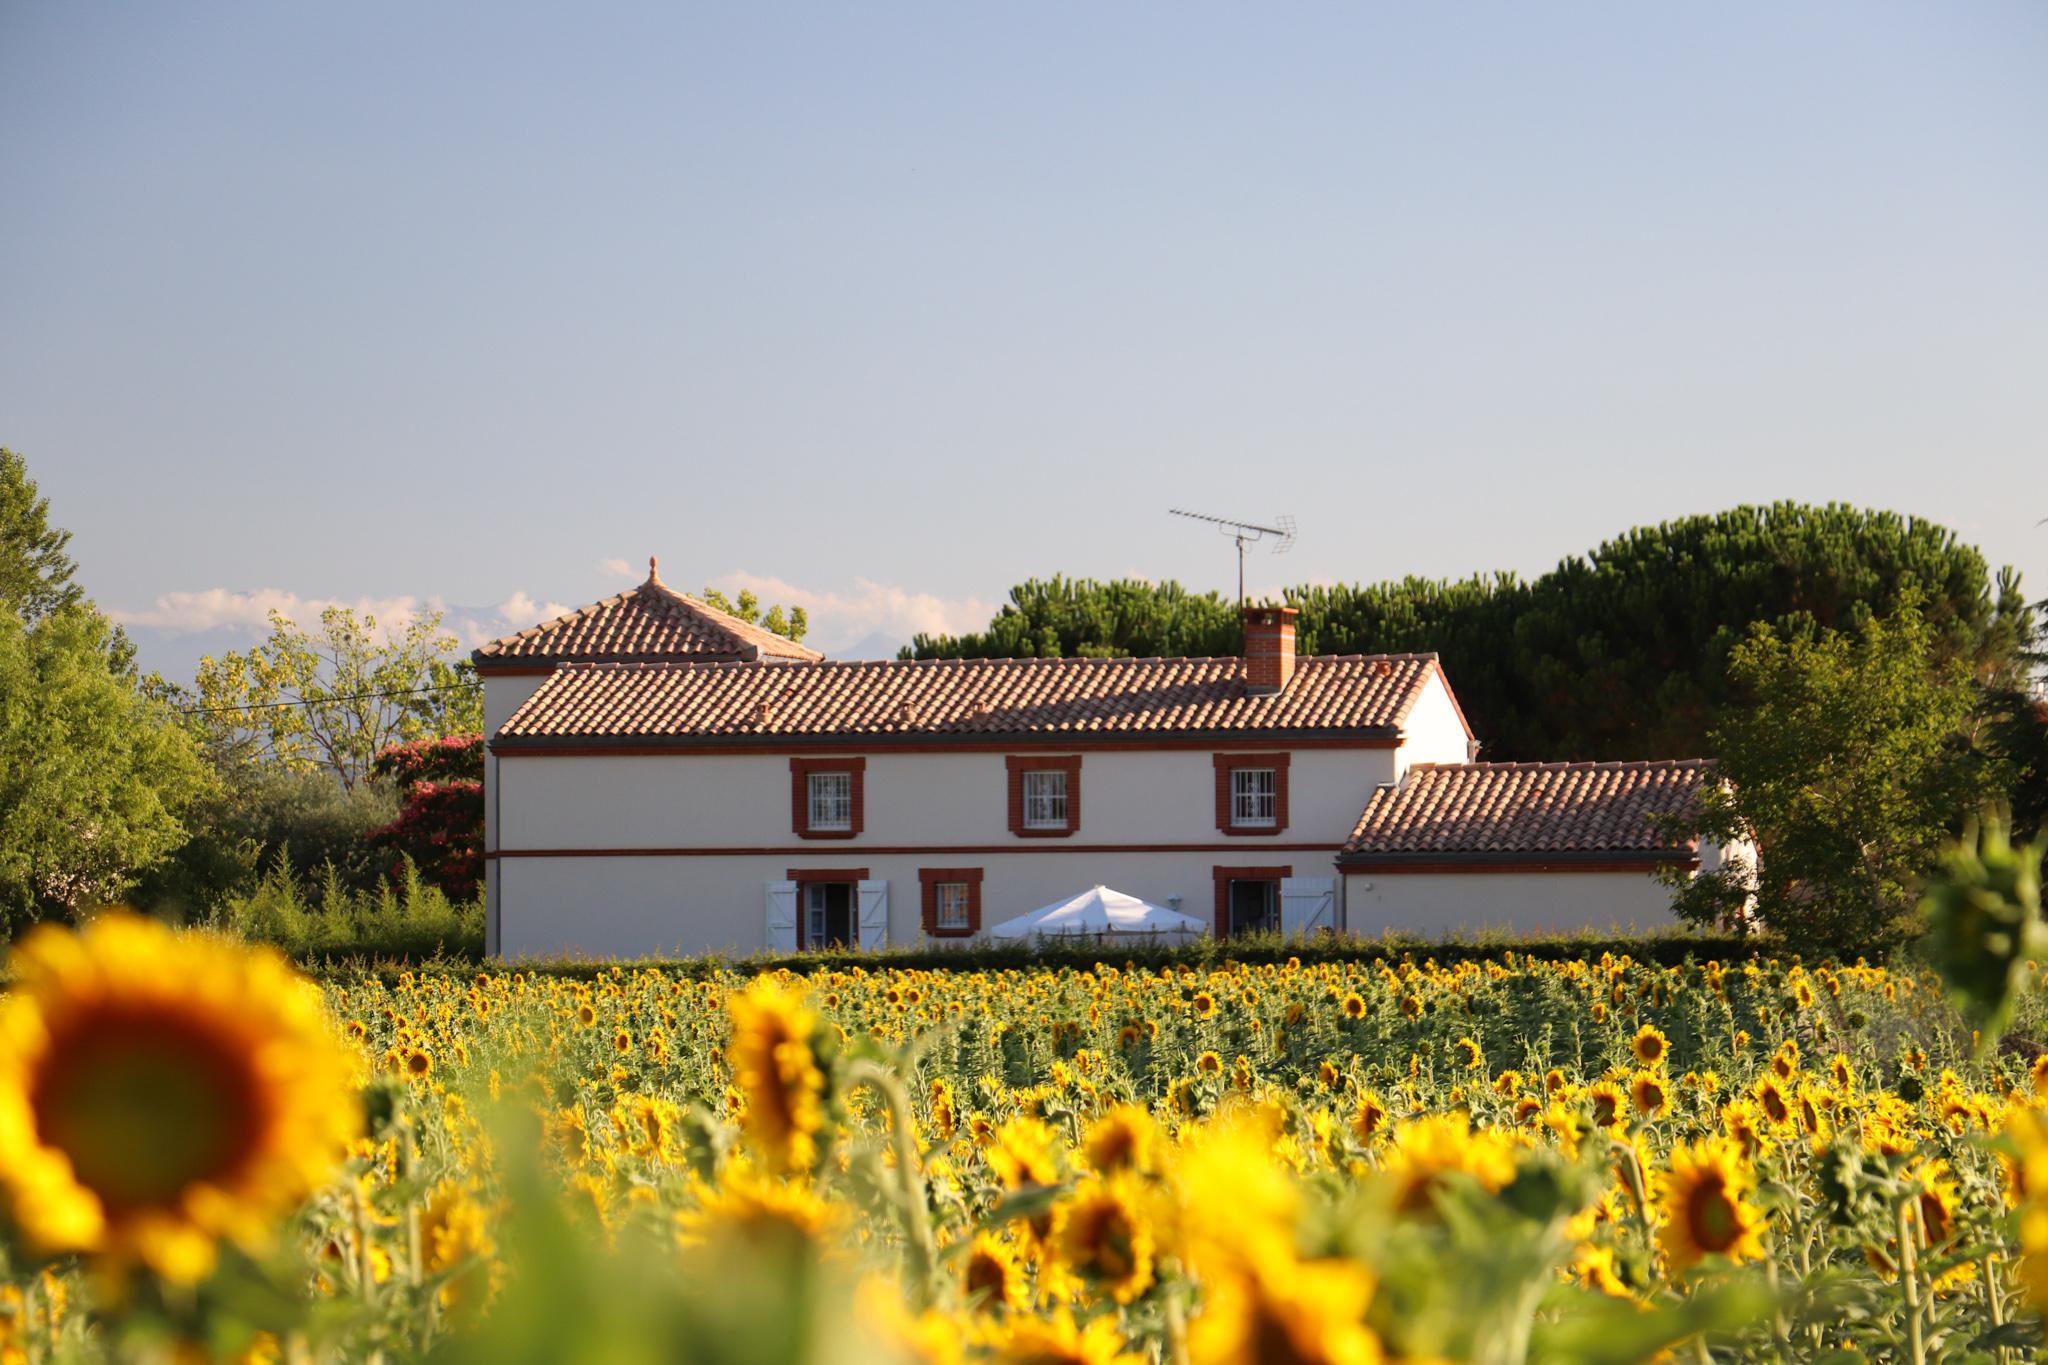 La maison et le champ de tournesols